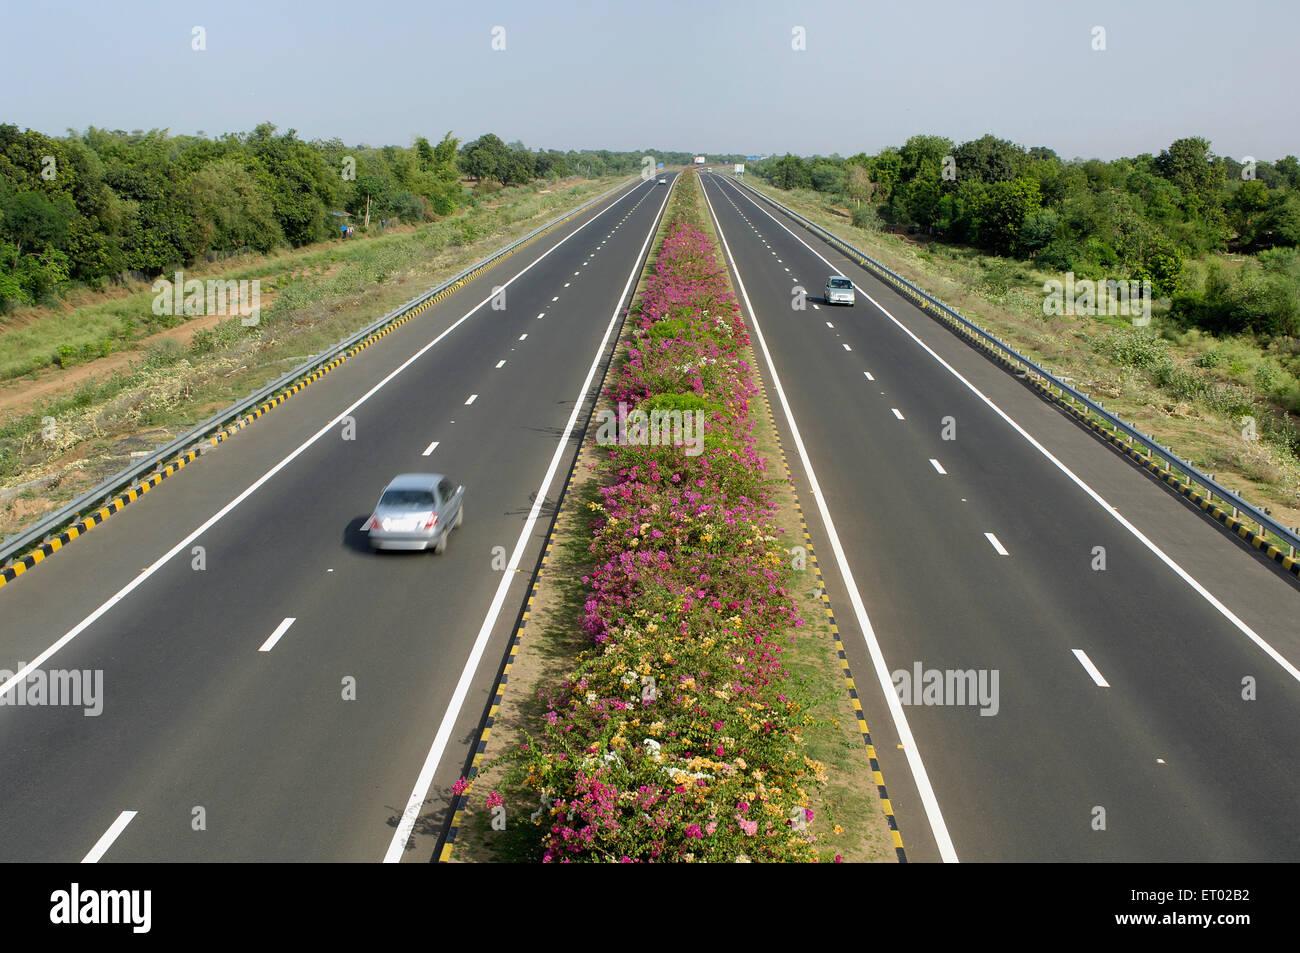 Ahmedabad Vadodara Expressway con fiori bed autostrade nazionali Autorità del Gujarat India India Immagini Stock